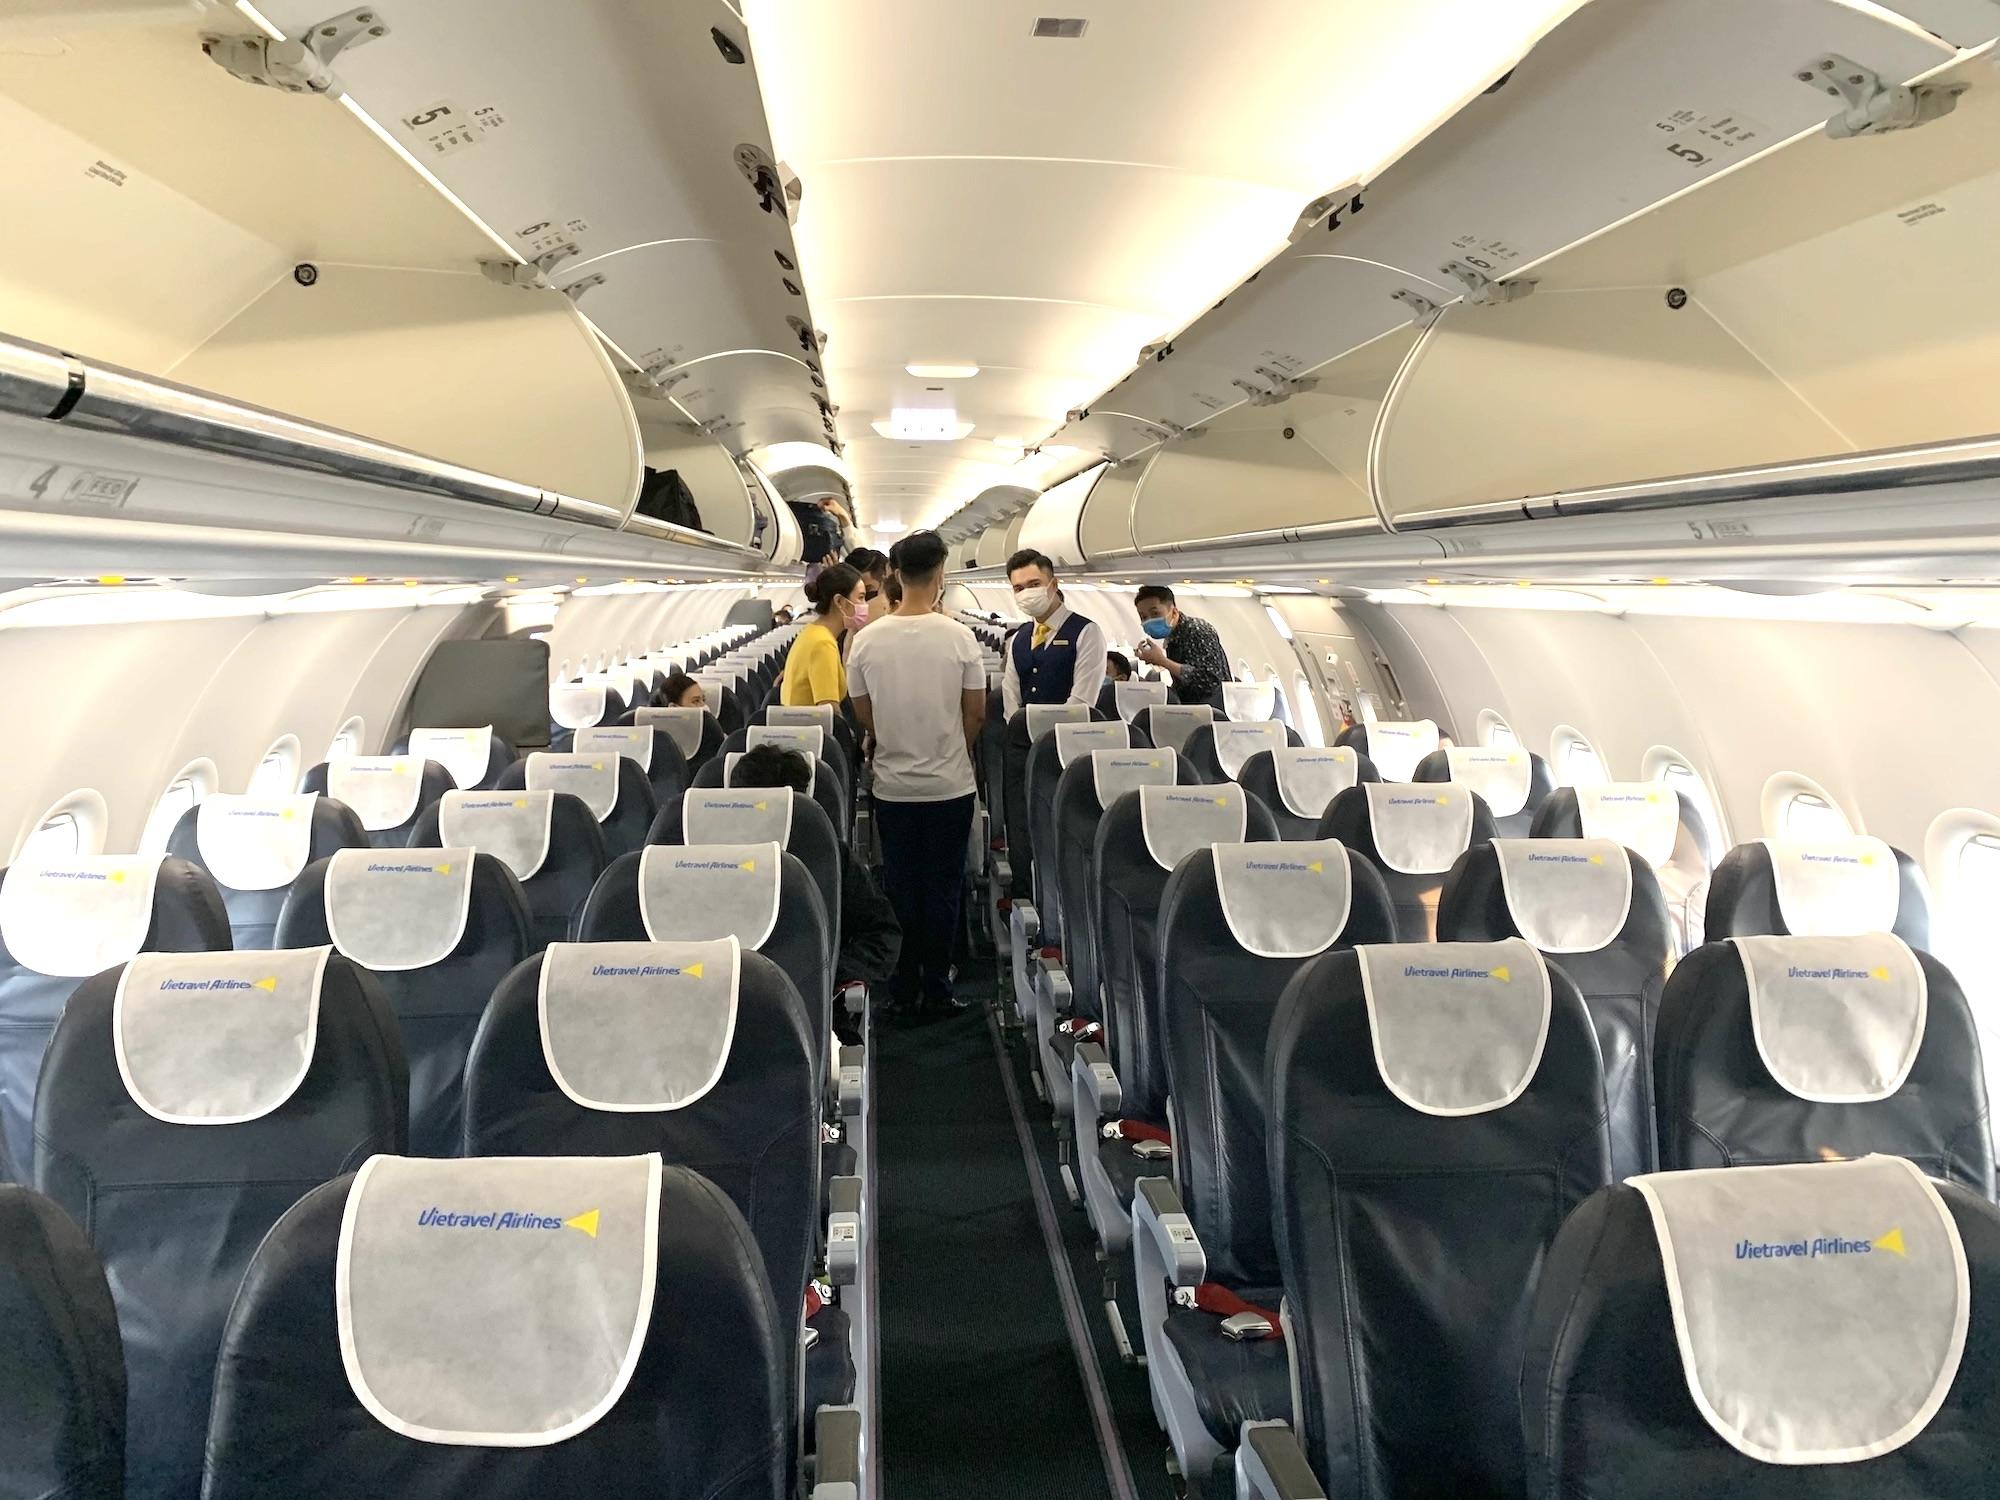 ベトナムの新規航空会社であるベトトラベル航空の機内